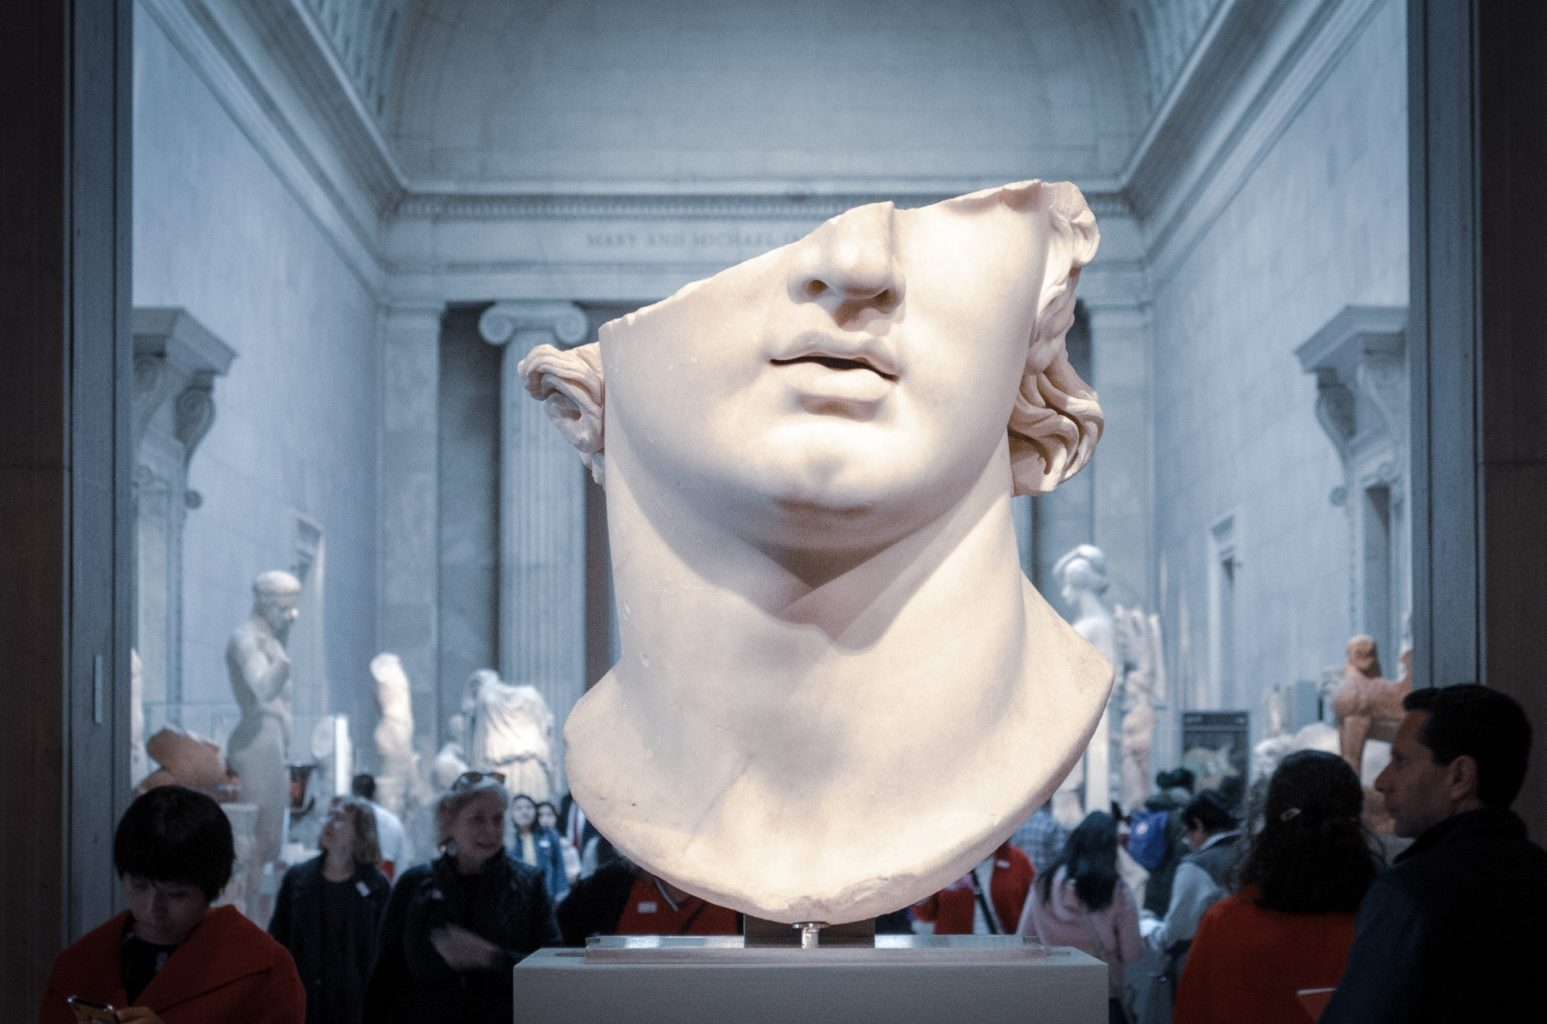 Итальянец продал невидимую статую за 15 тысяч евро